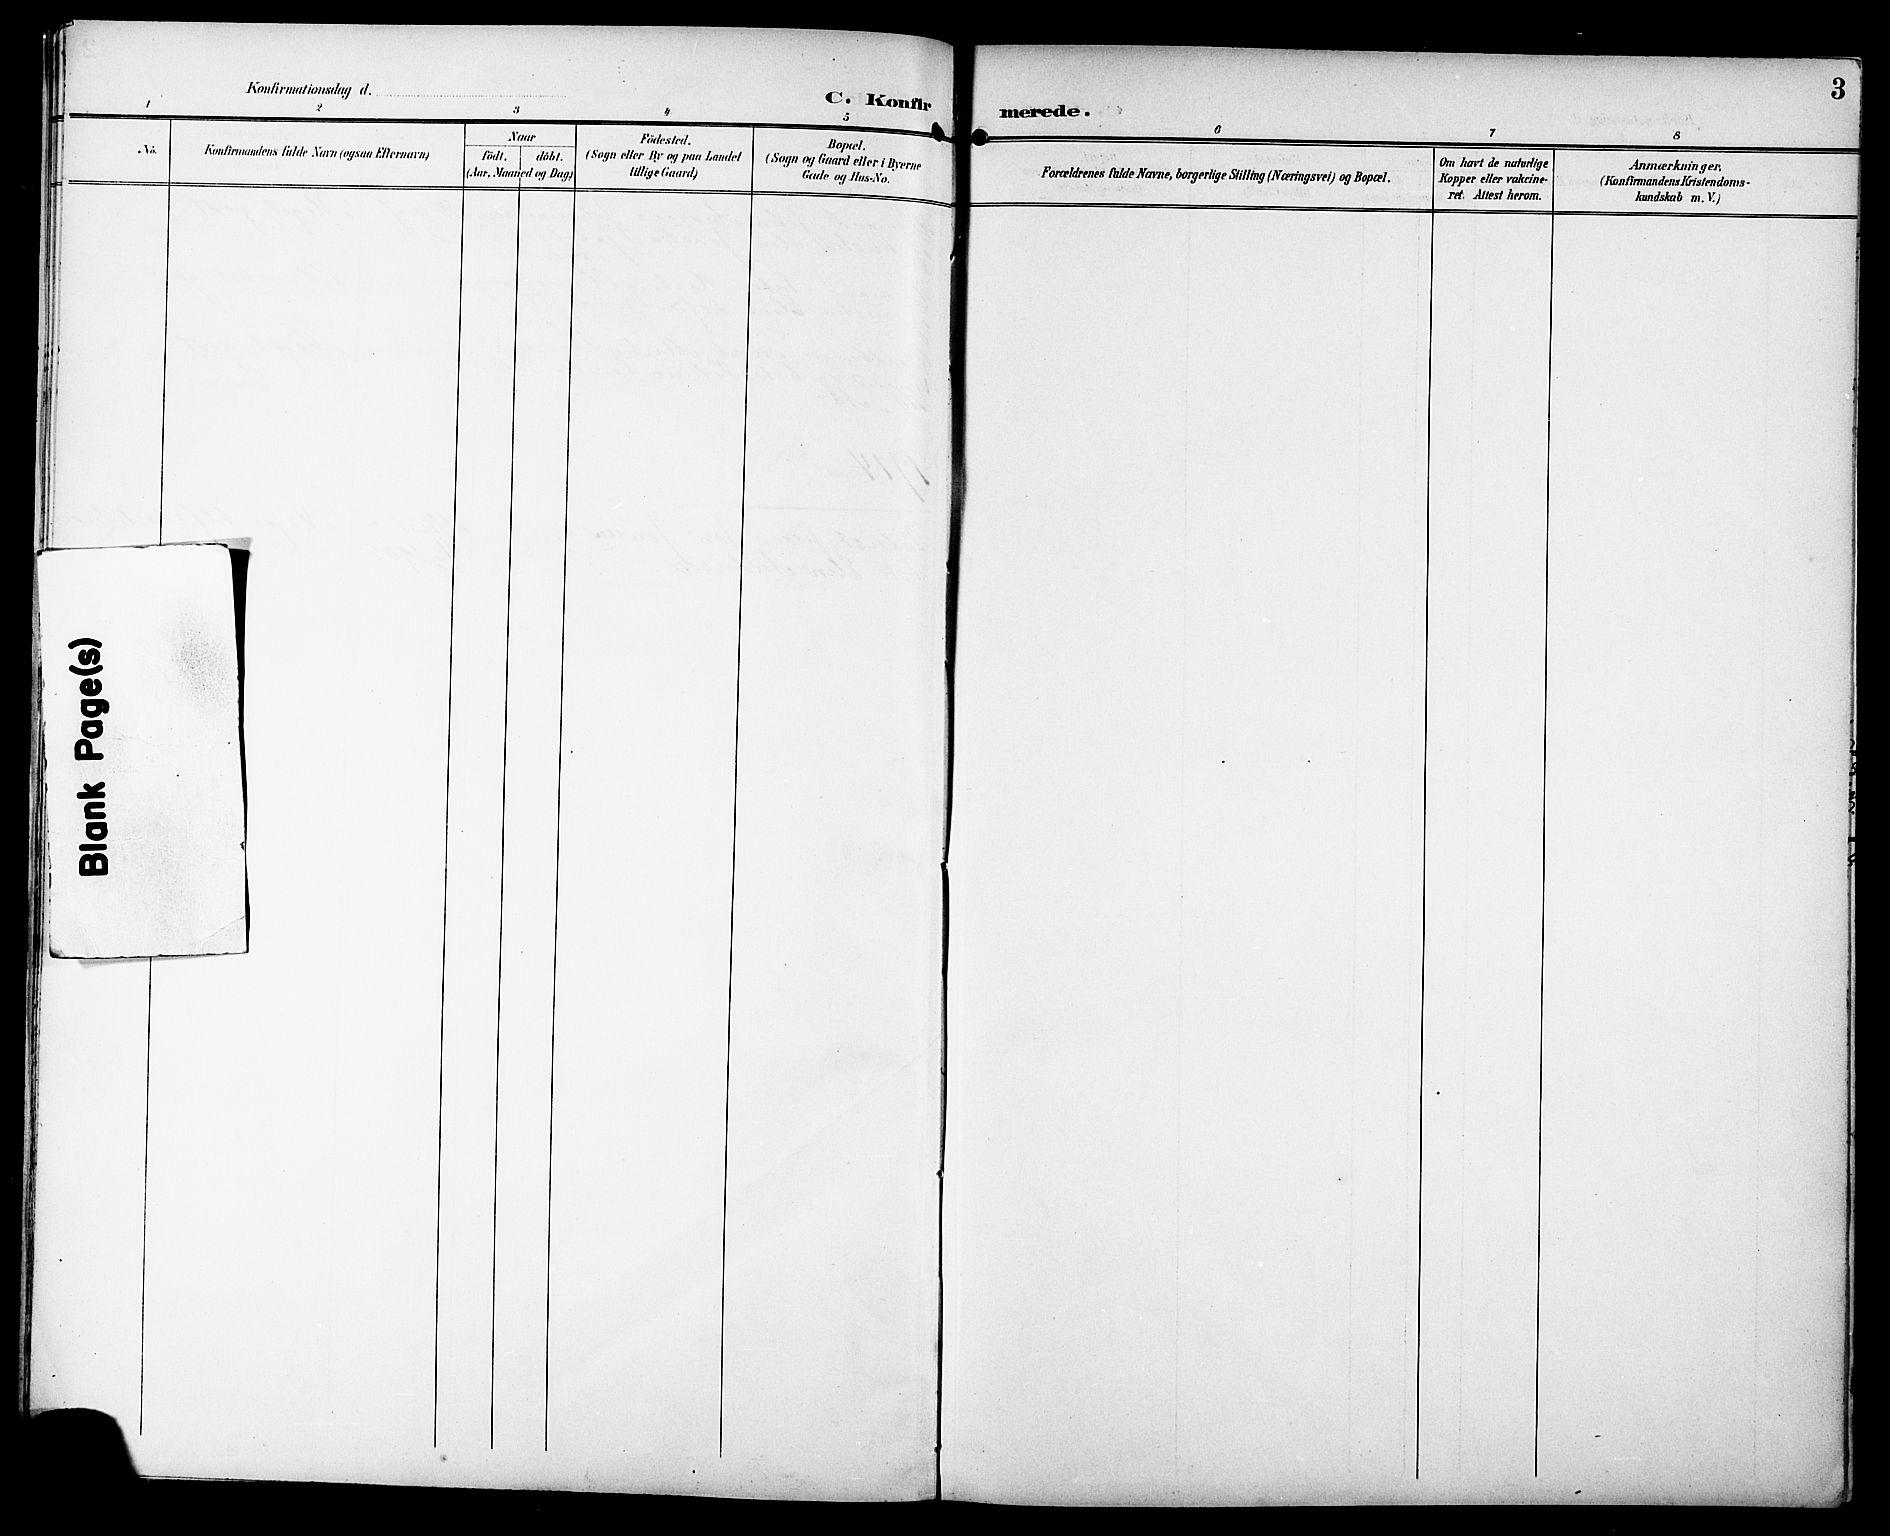 SAT, Ministerialprotokoller, klokkerbøker og fødselsregistre - Sør-Trøndelag, 629/L0486: Ministerialbok nr. 629A02, 1894-1919, s. 3